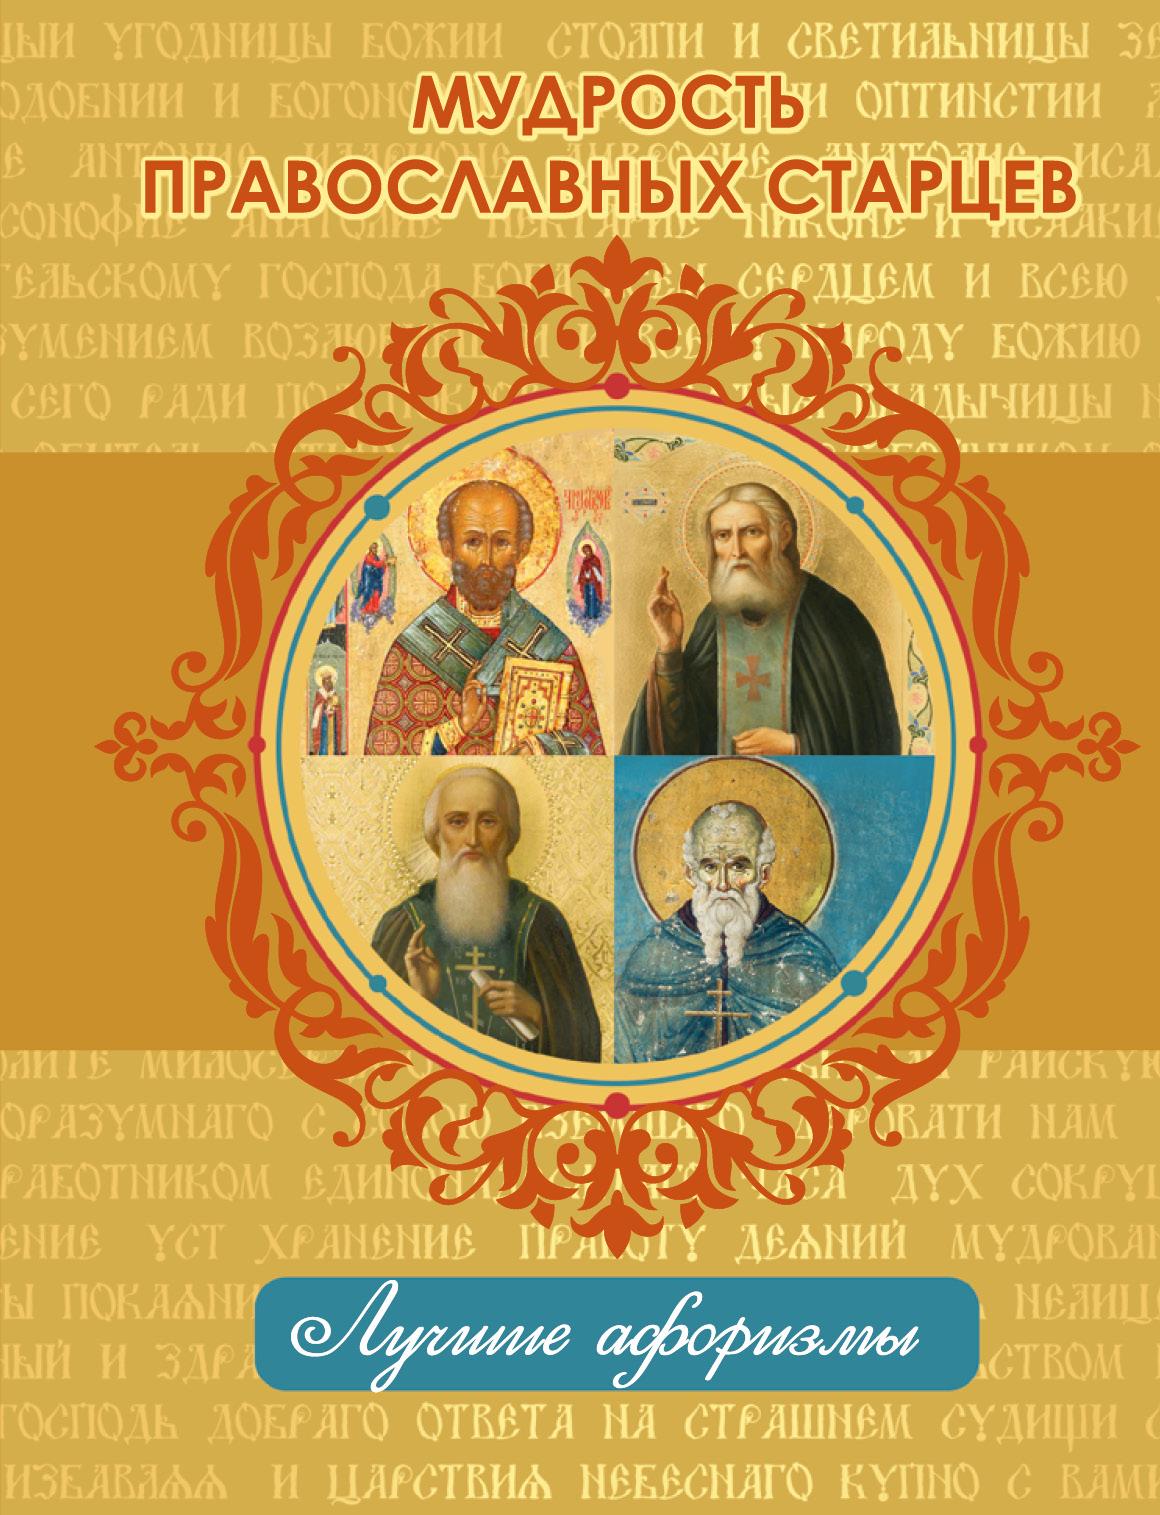 . Мудрость православных старцев